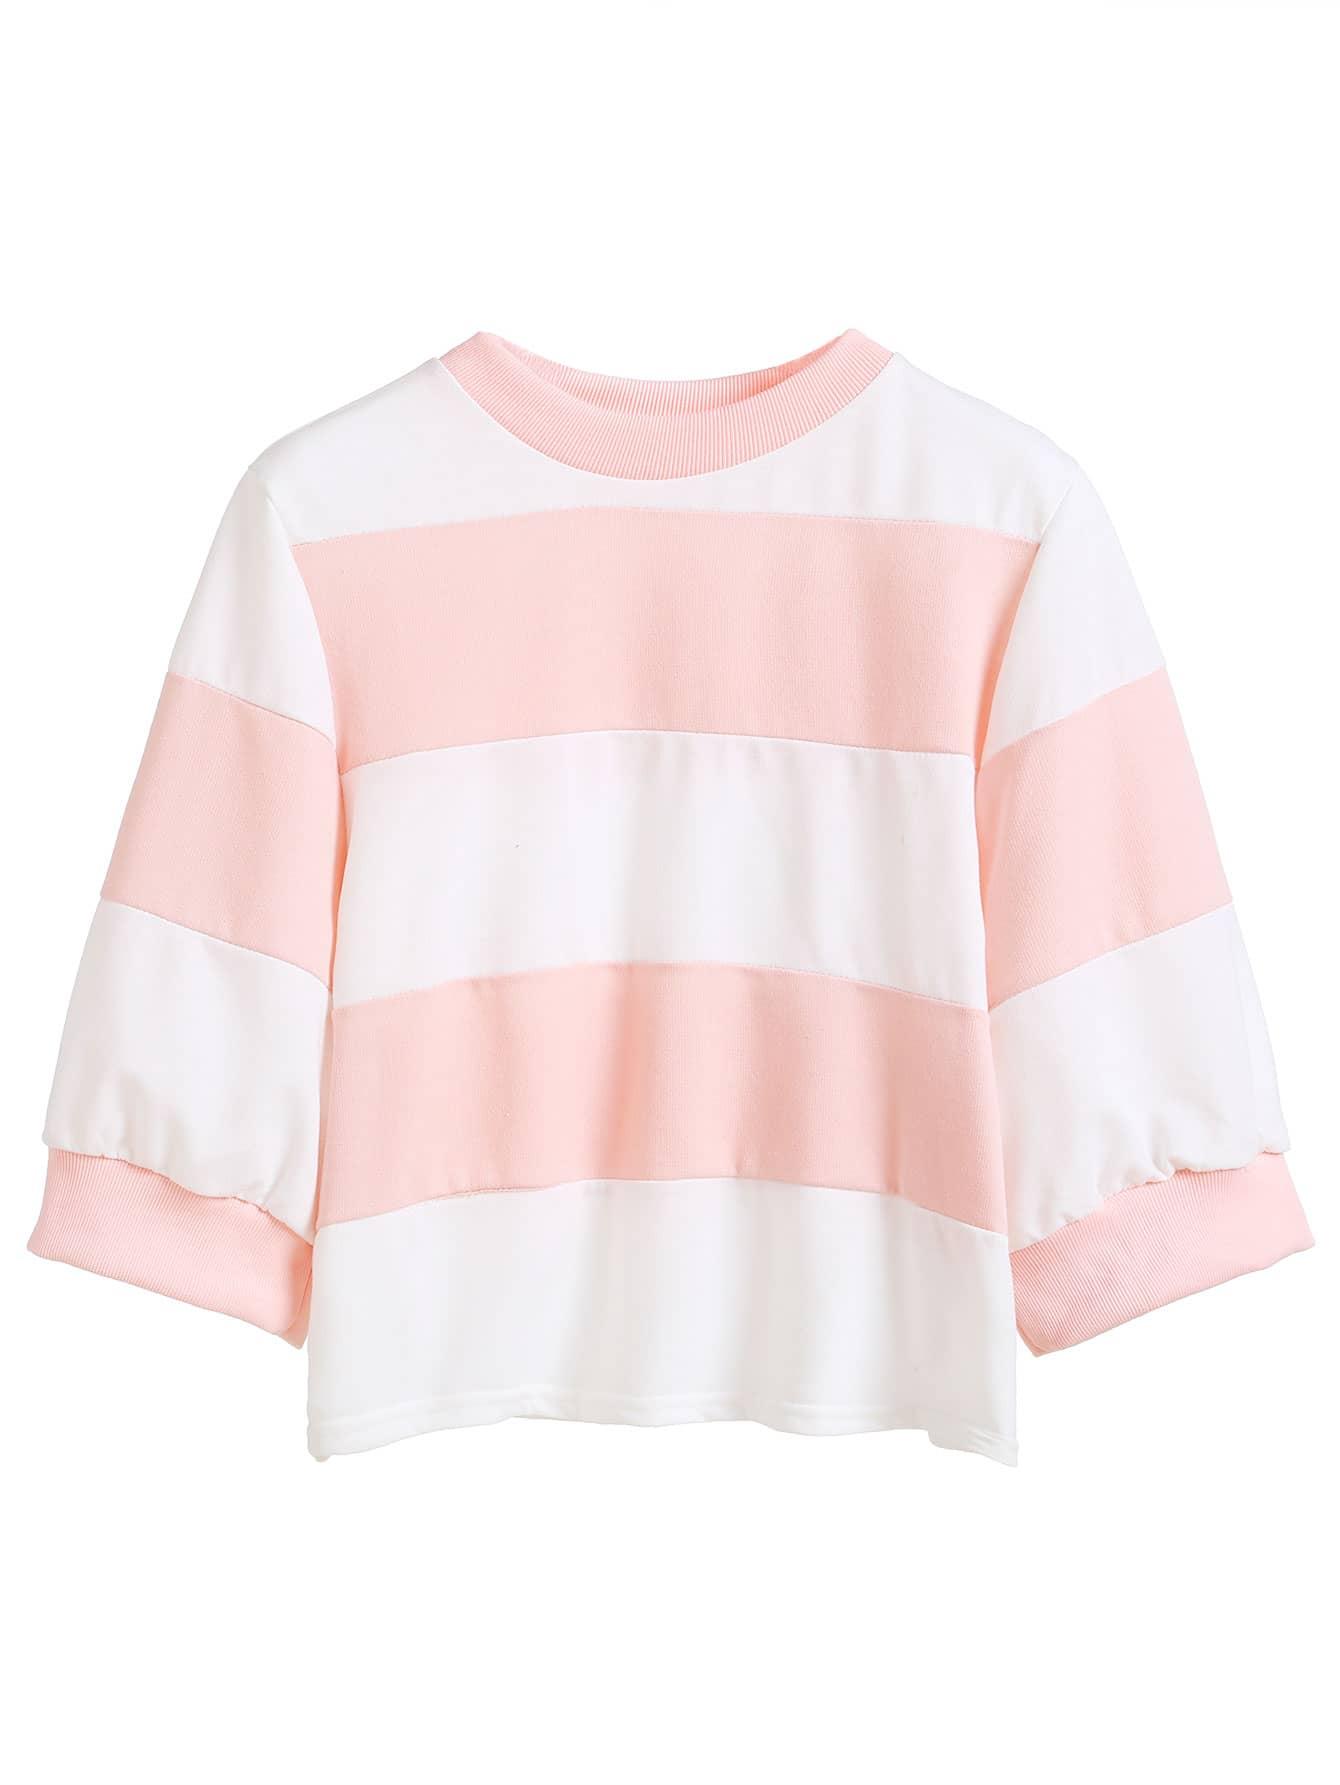 sweatshirt160824001_2